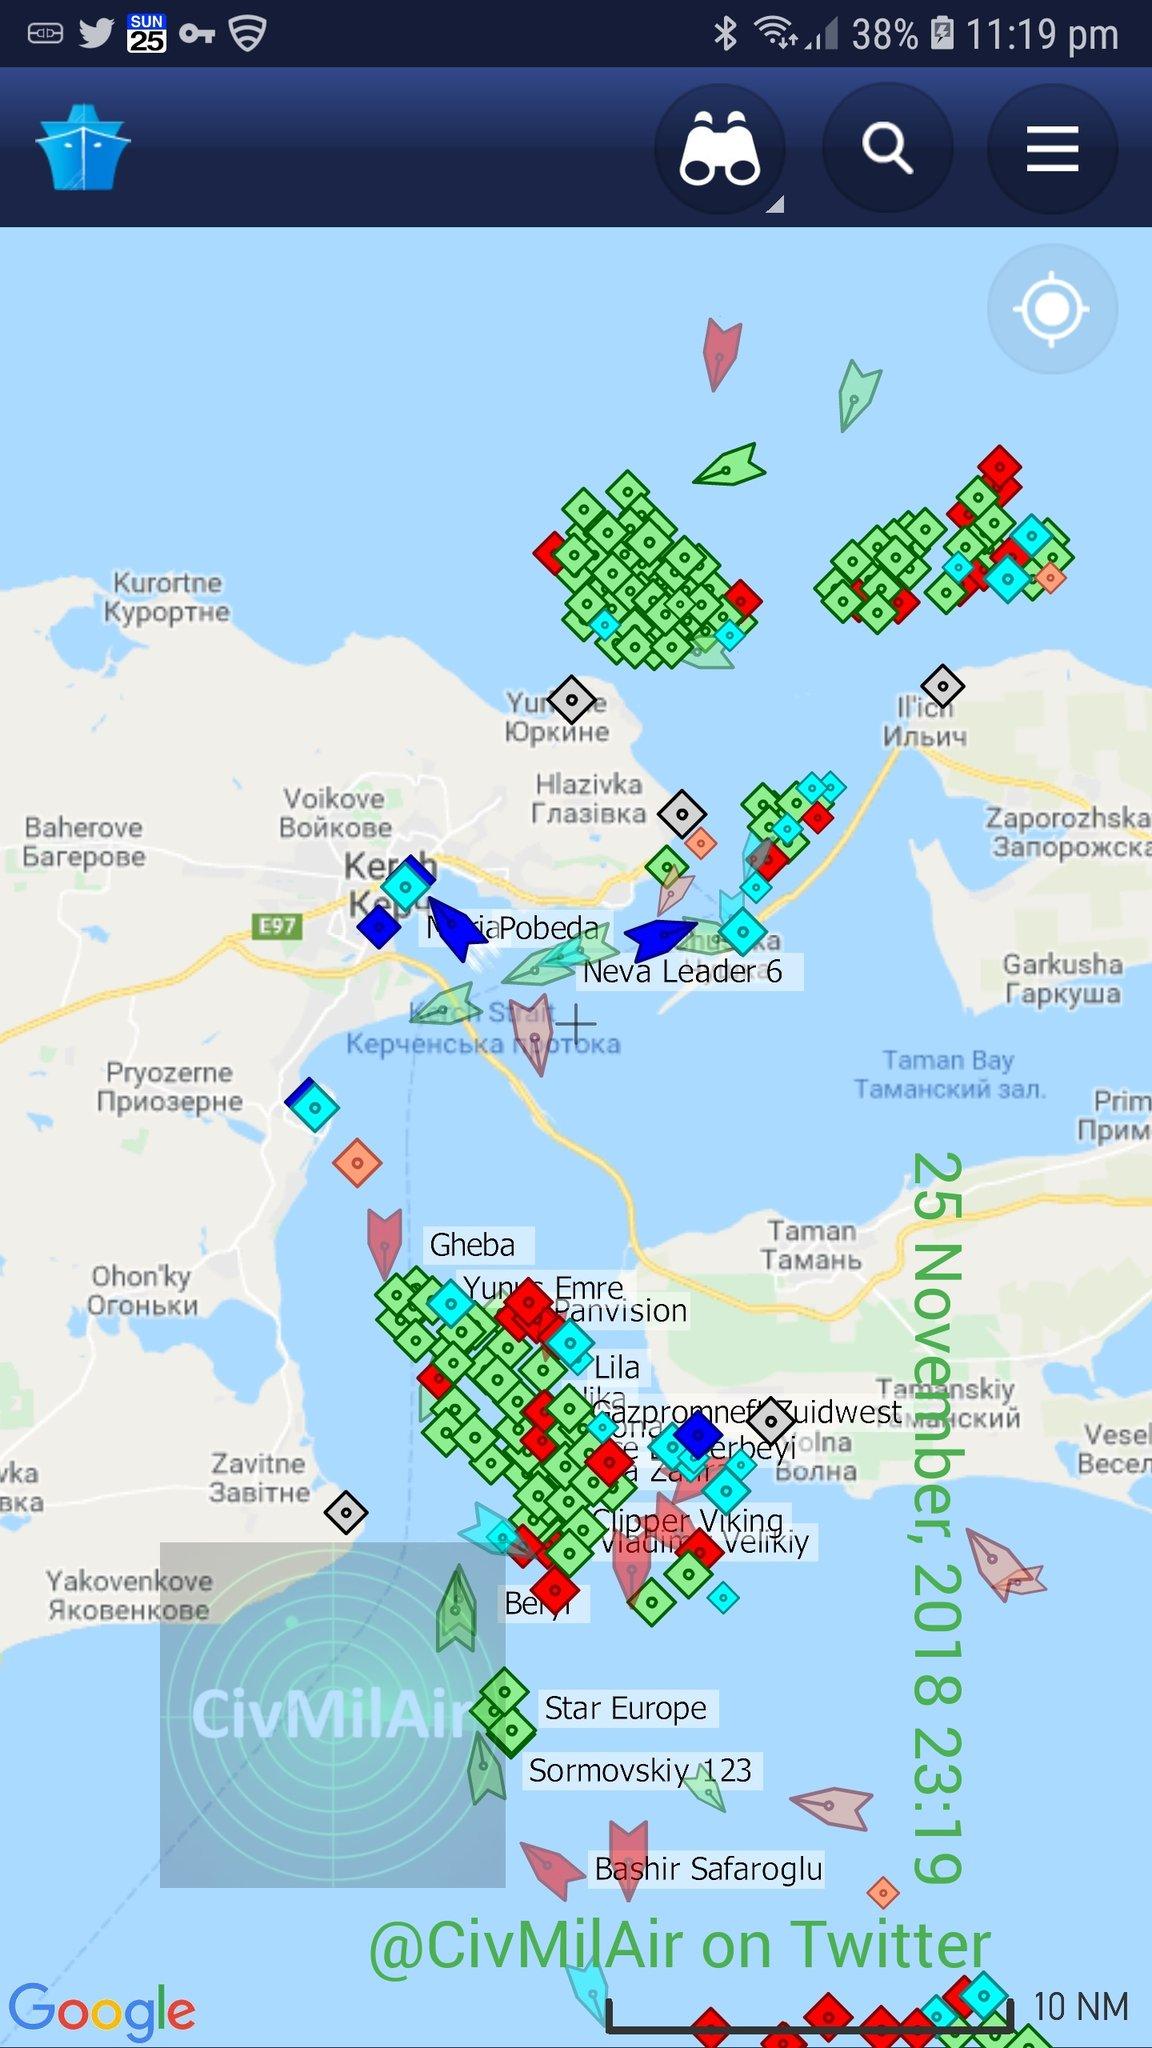 Це доводить, що Росія не зацікавлена в будь-яких результатах від переговорного процесу щодо України, - в бундестазі відреагували на ескалацію в Азовському морі - Цензор.НЕТ 9916